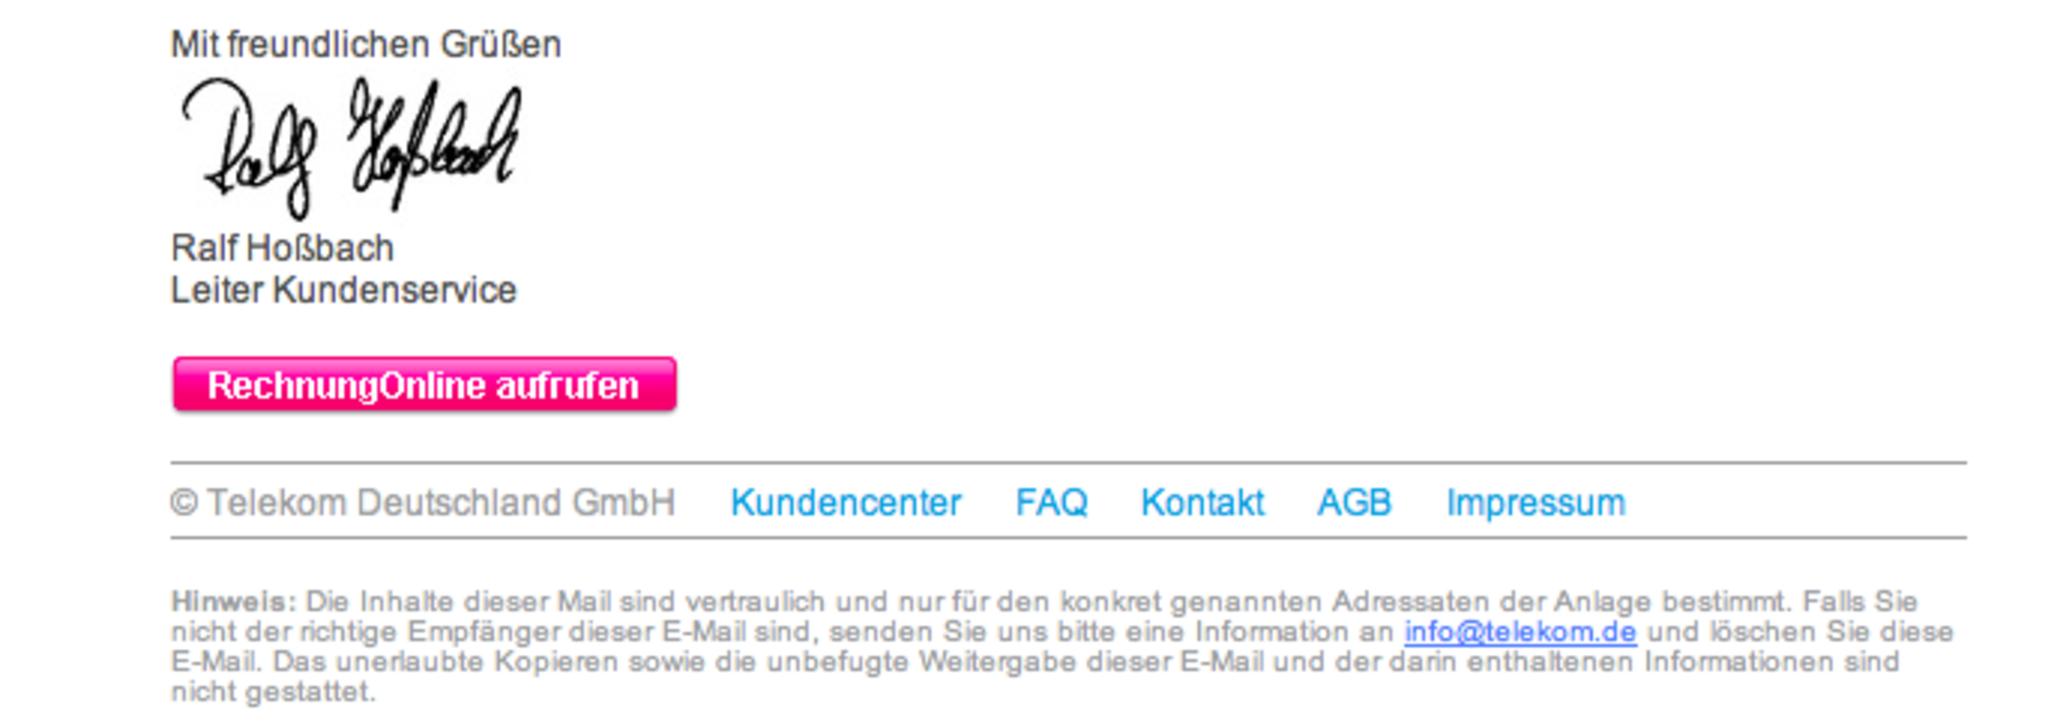 Vorsicht Vor Gefälschten Telefonrechnungen Neunkirchen